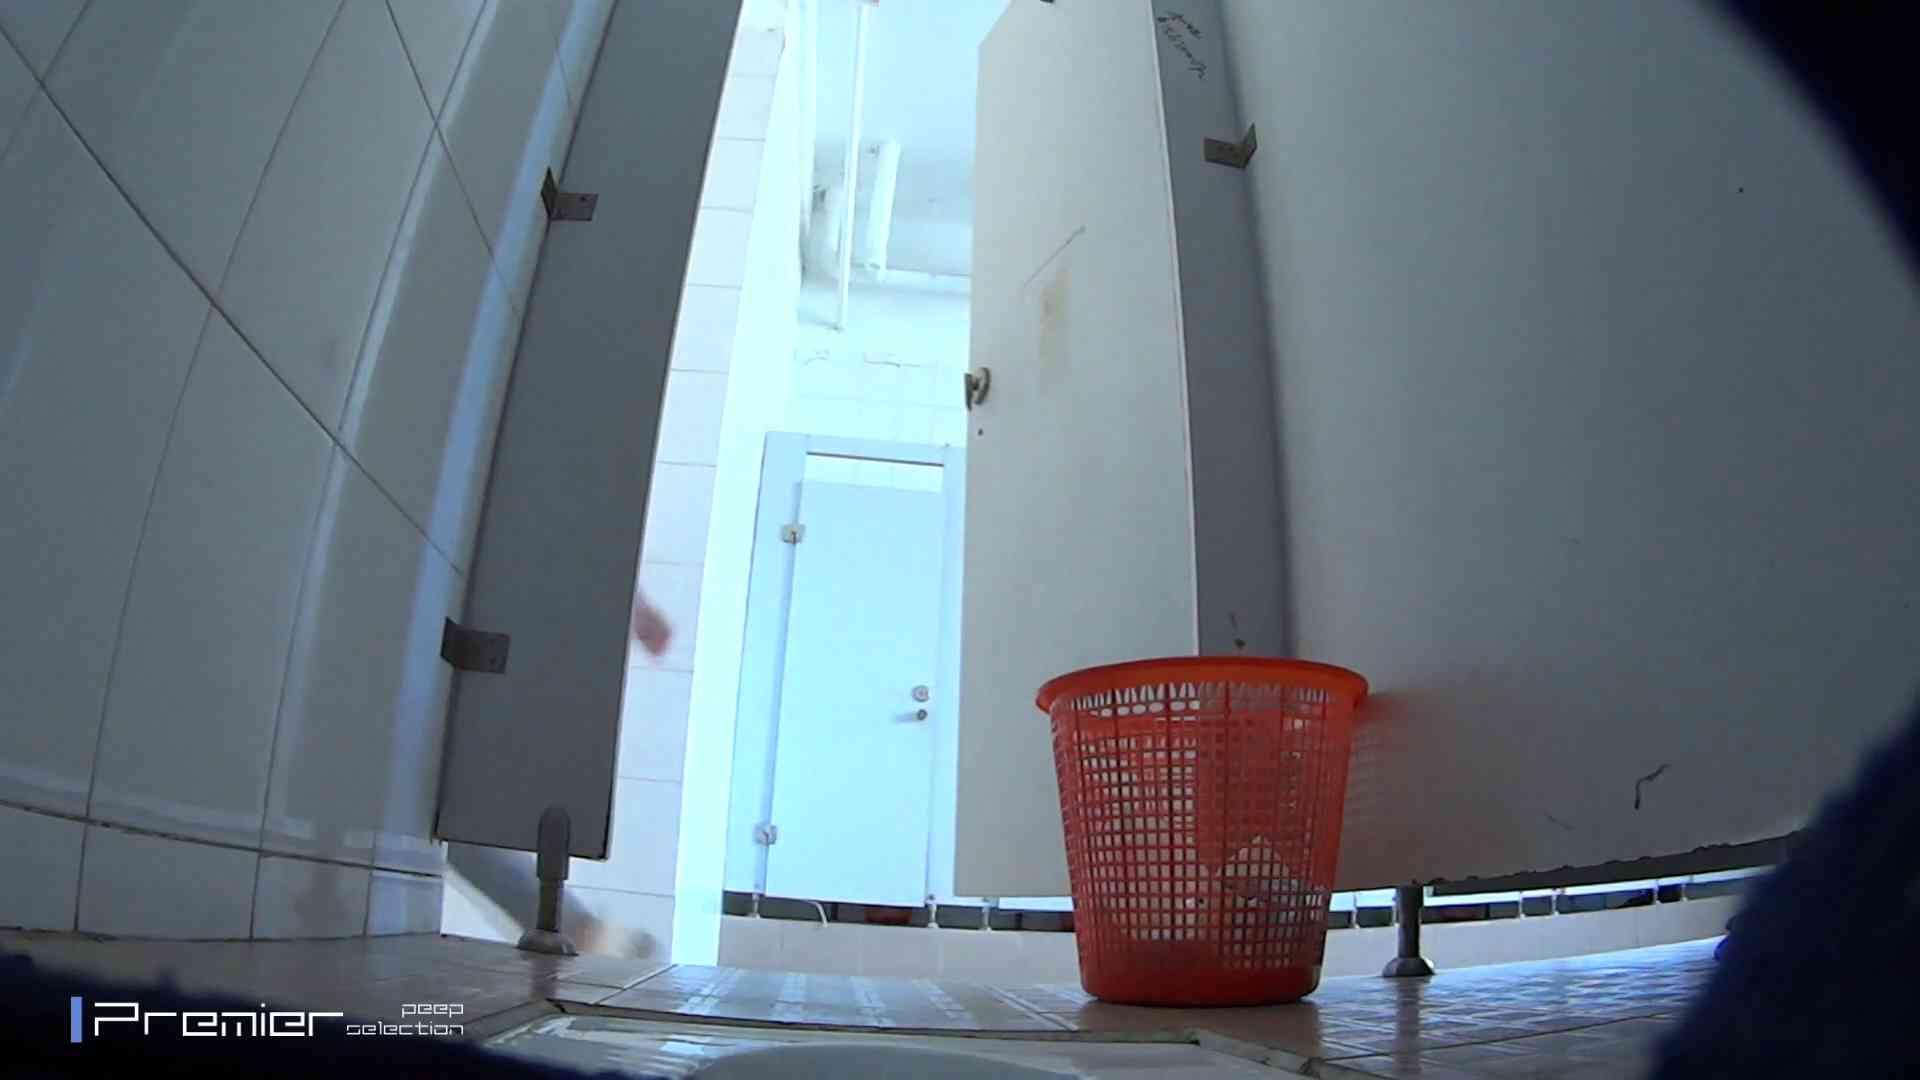 アジアンビューティー達の聖水 大学休憩時間の洗面所事情24 美女のボディ  67PIX 24